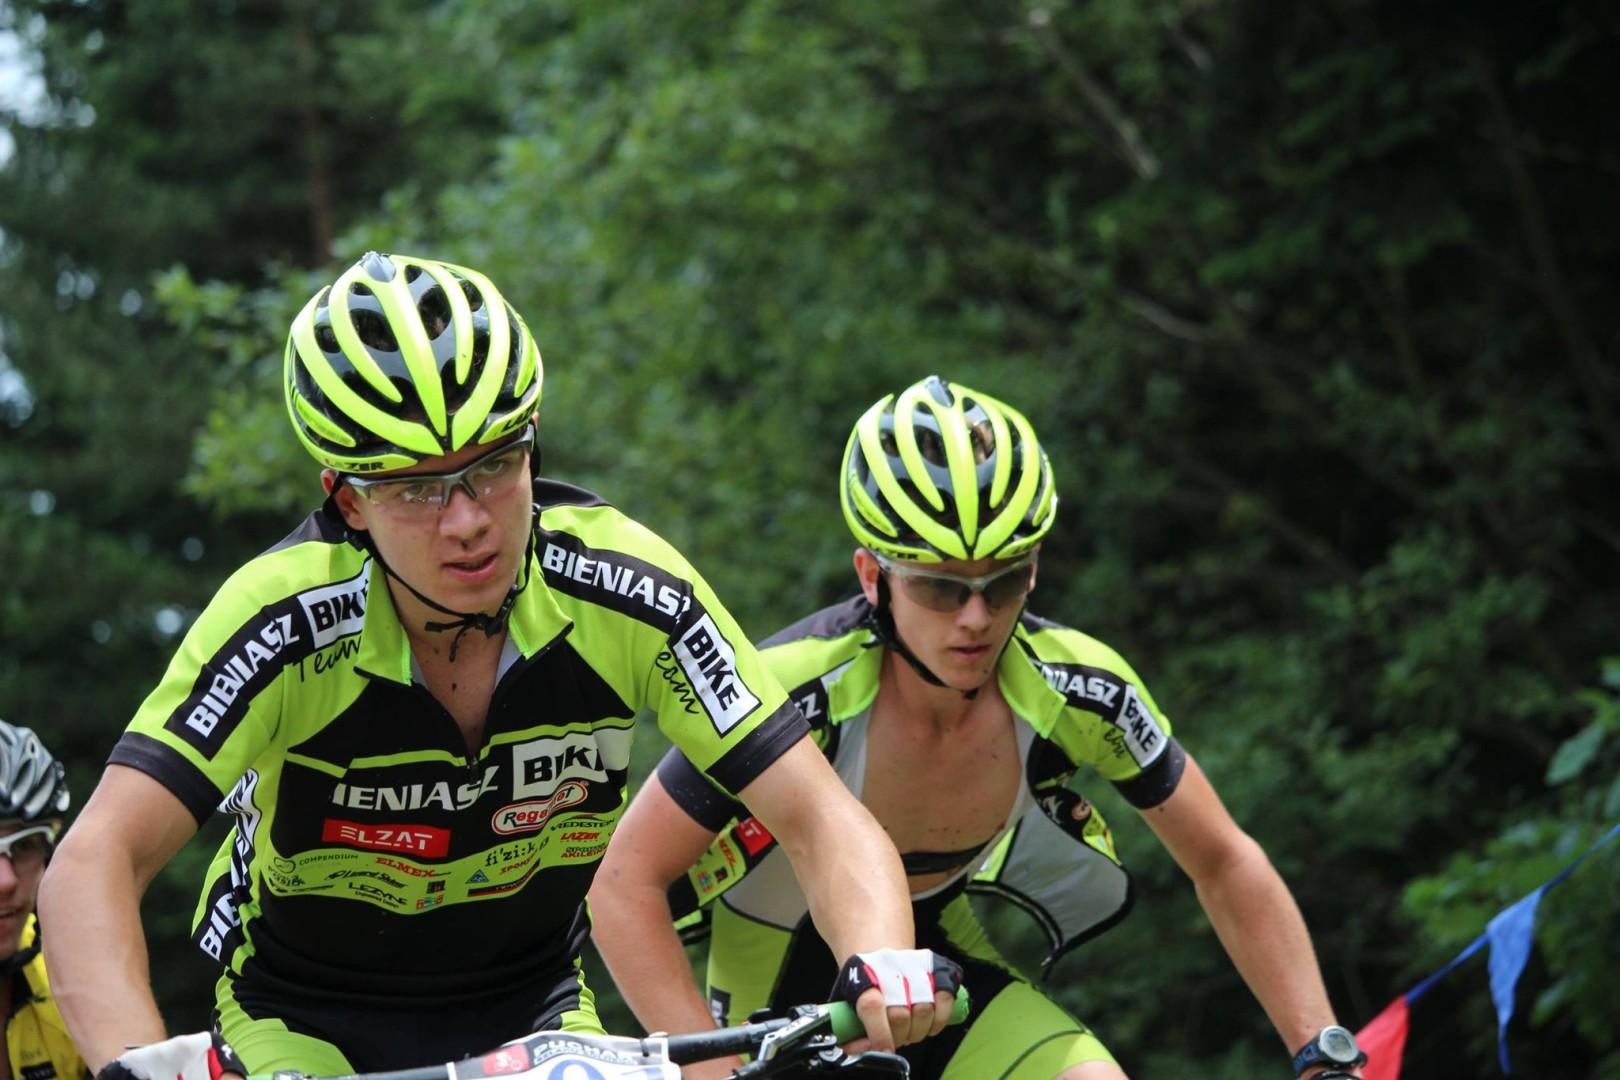 Michał Topór (KCP Elzat Bieniasz Bike) – Puchar Szlaku Solnego – Kasina Wielka